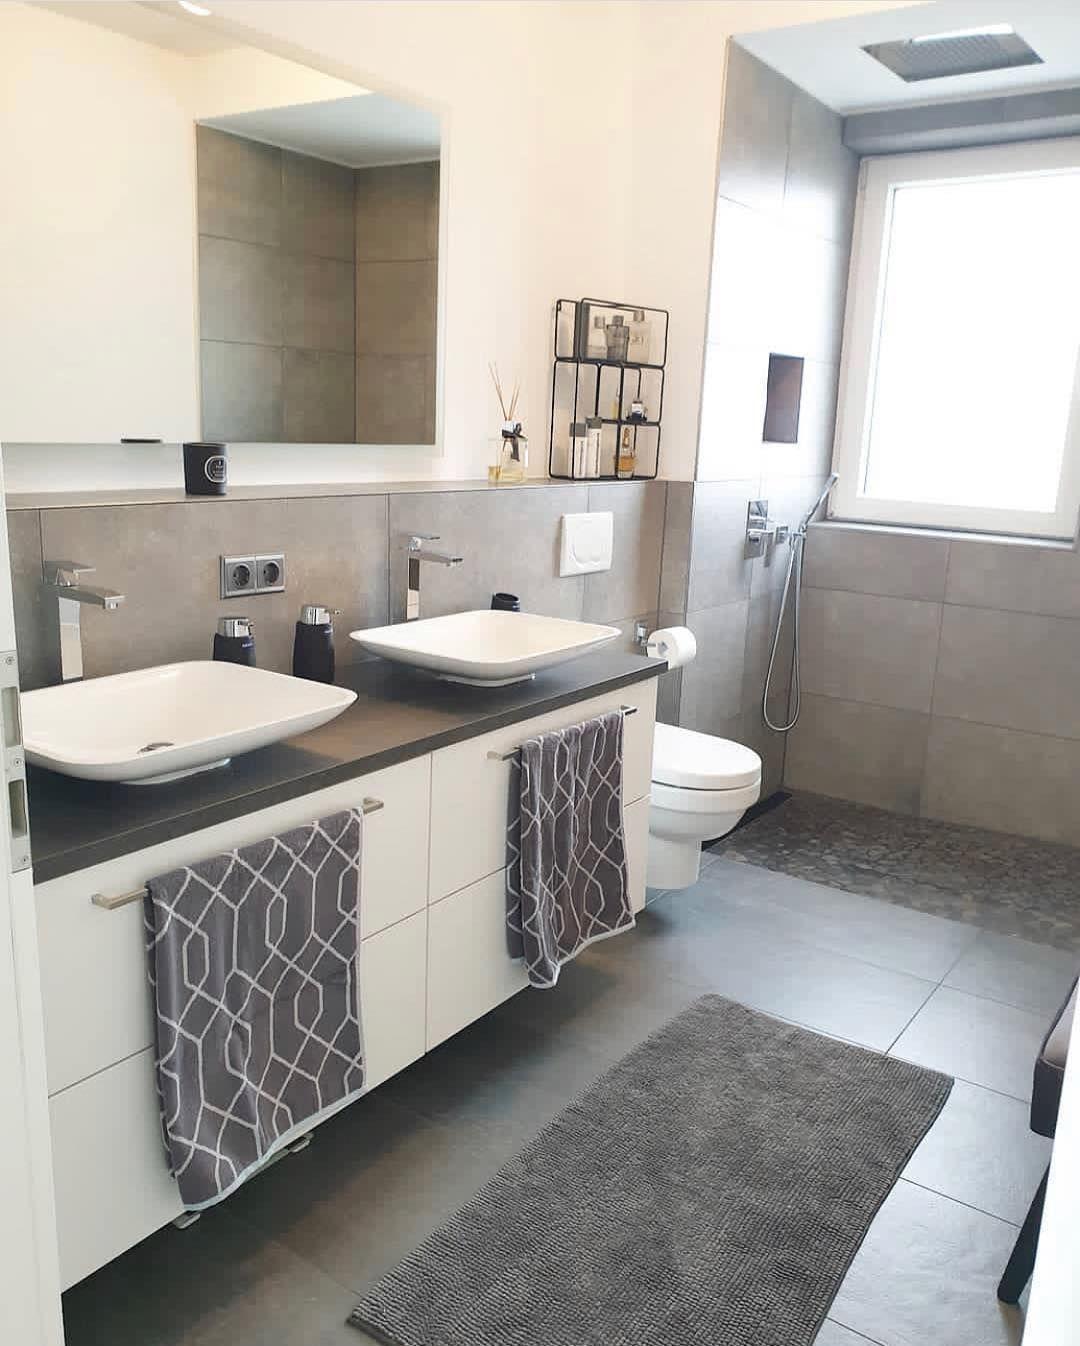 Das tolle, neue Badezimmer 🚿 von wohnenmitozlem ist ...